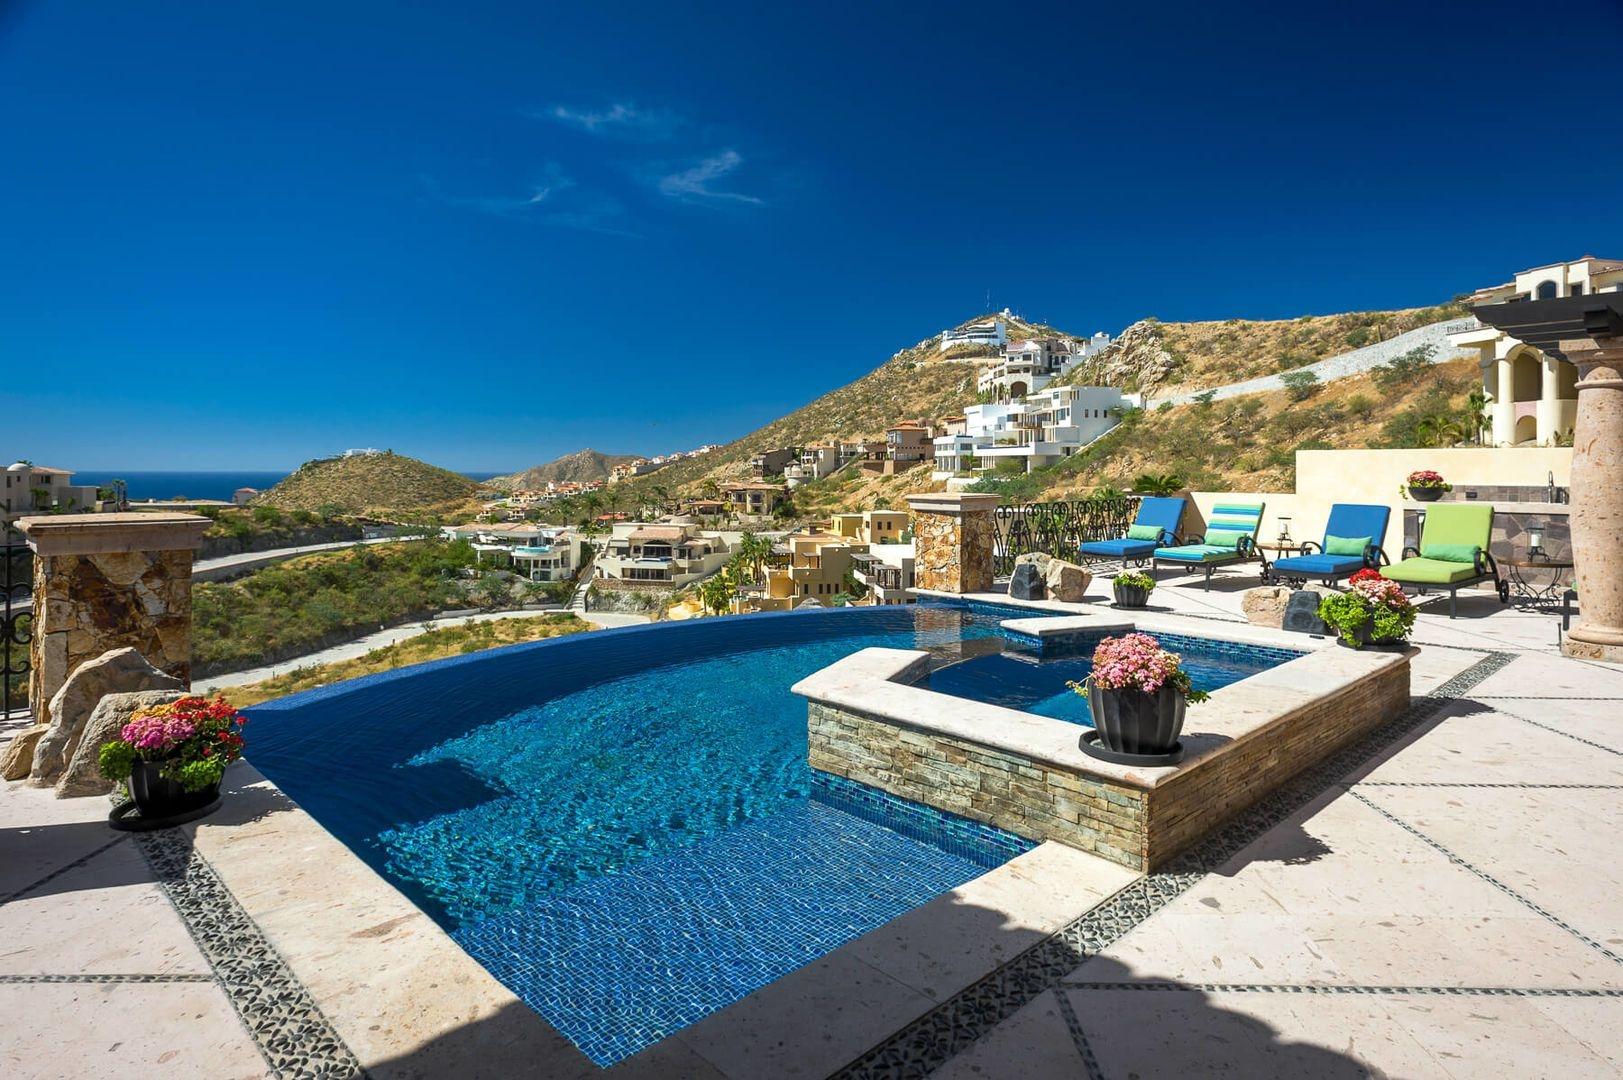 Luxury vacation rentals mexico - Los cabos - Cabo - Pedregal - Villa Piedra - Image 1/24